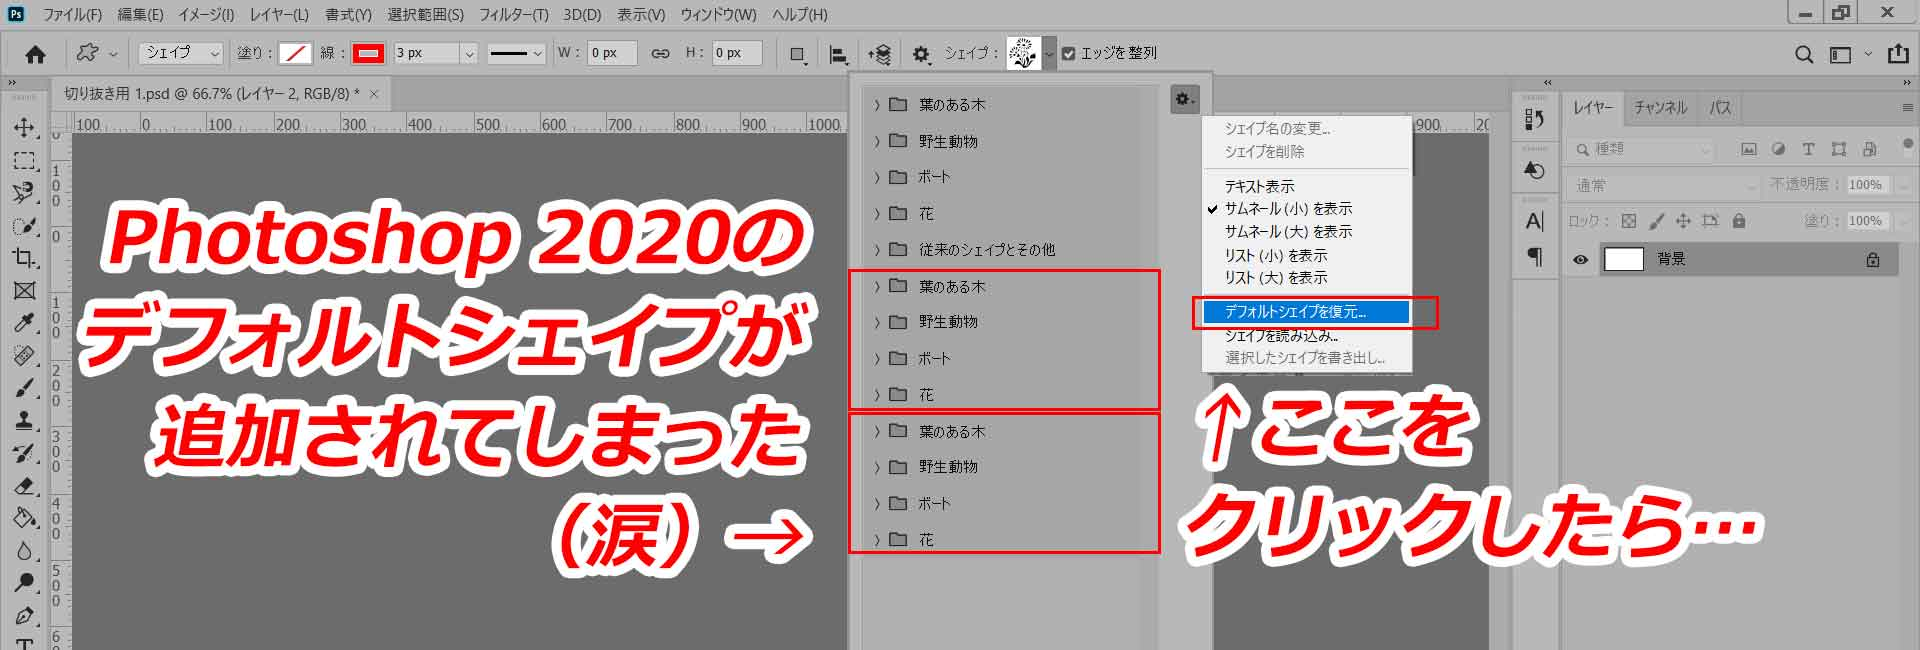 デフォルトシェイプを復元するとPhotoshop2020のカスタムシェイプが登録される